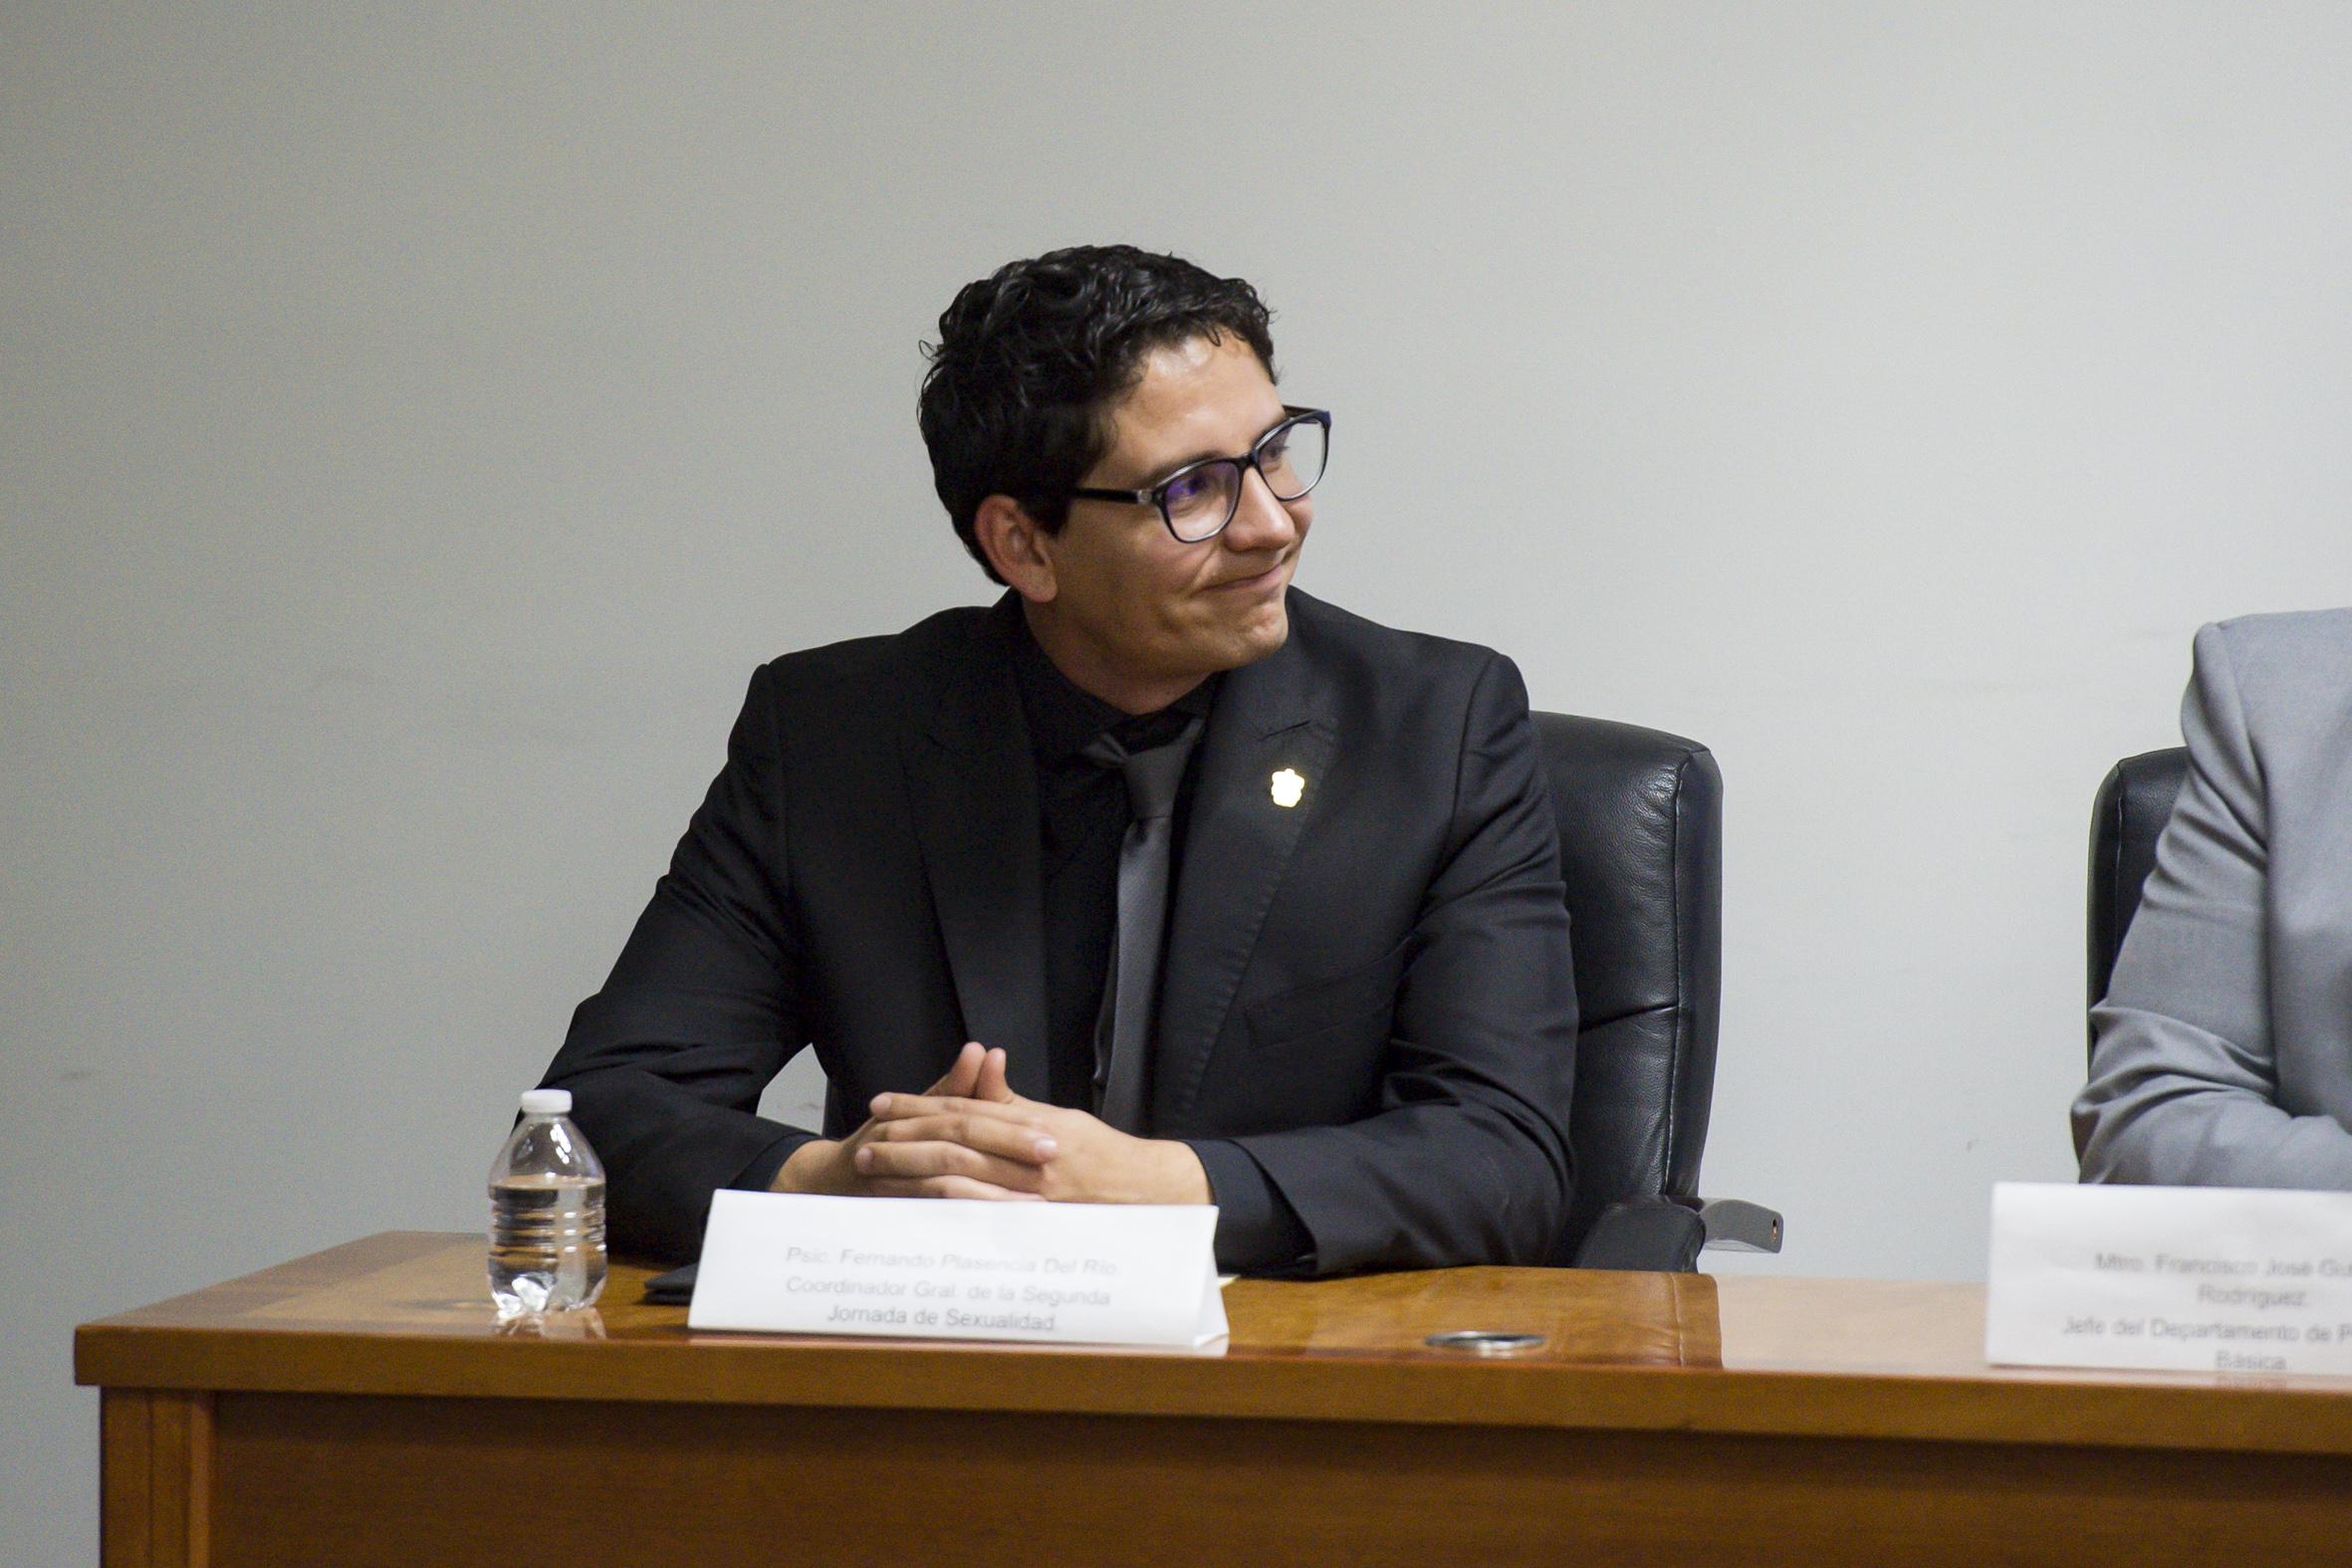 Psicólogo Fernándo Plasencia del Río, Coordinador general de la segunda jornada de sexualidad y profesor del CUCS.